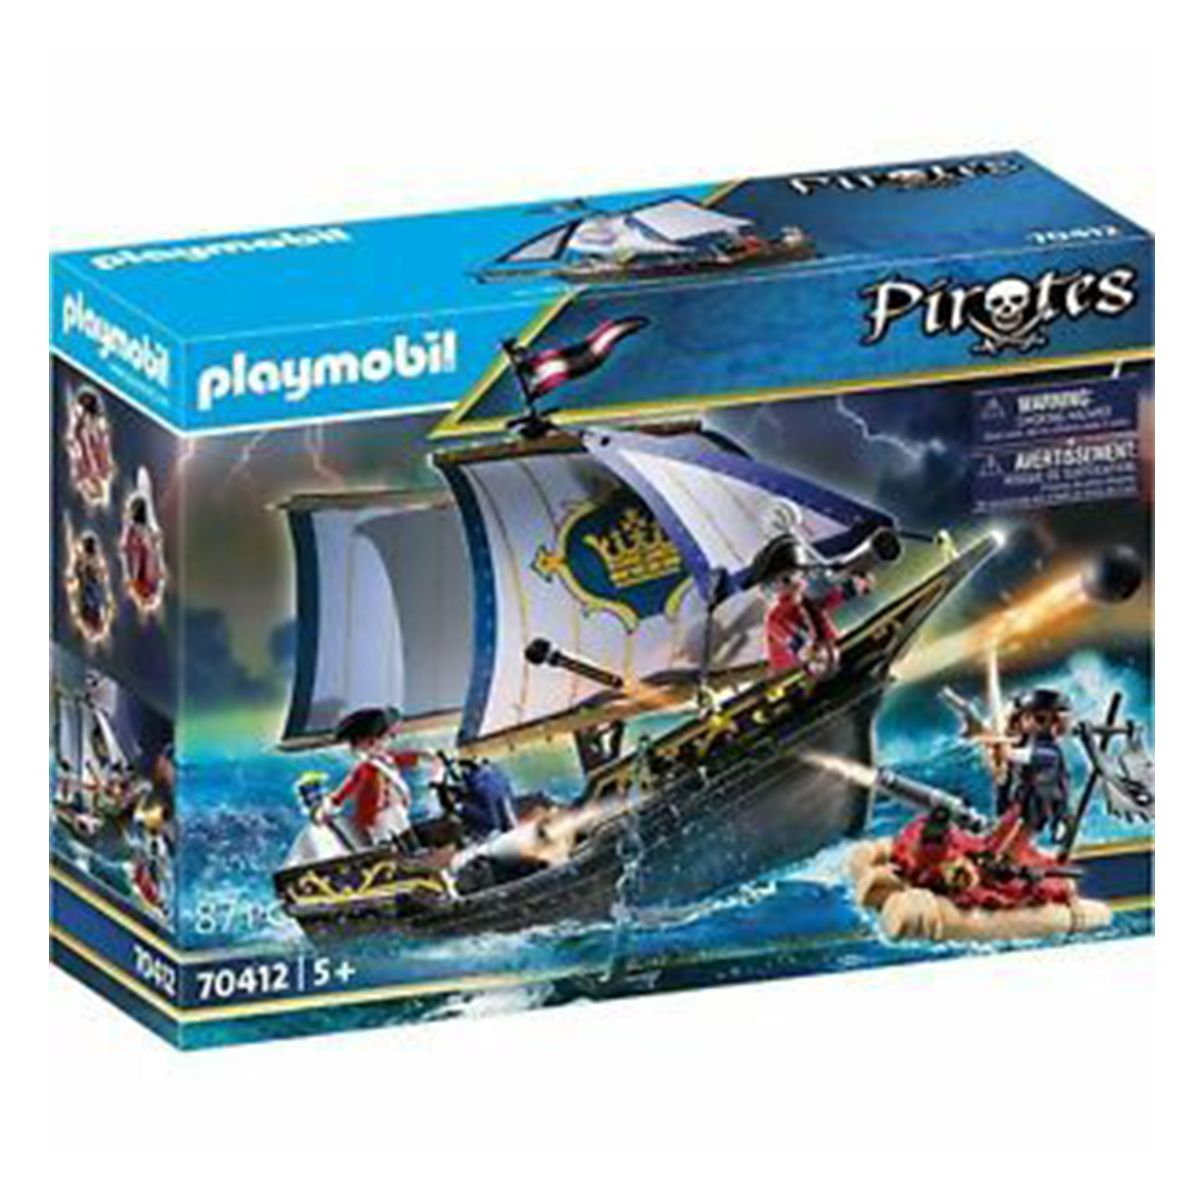 ספינת חיילים בריטיים (גילאים +5) Playmobil 70412